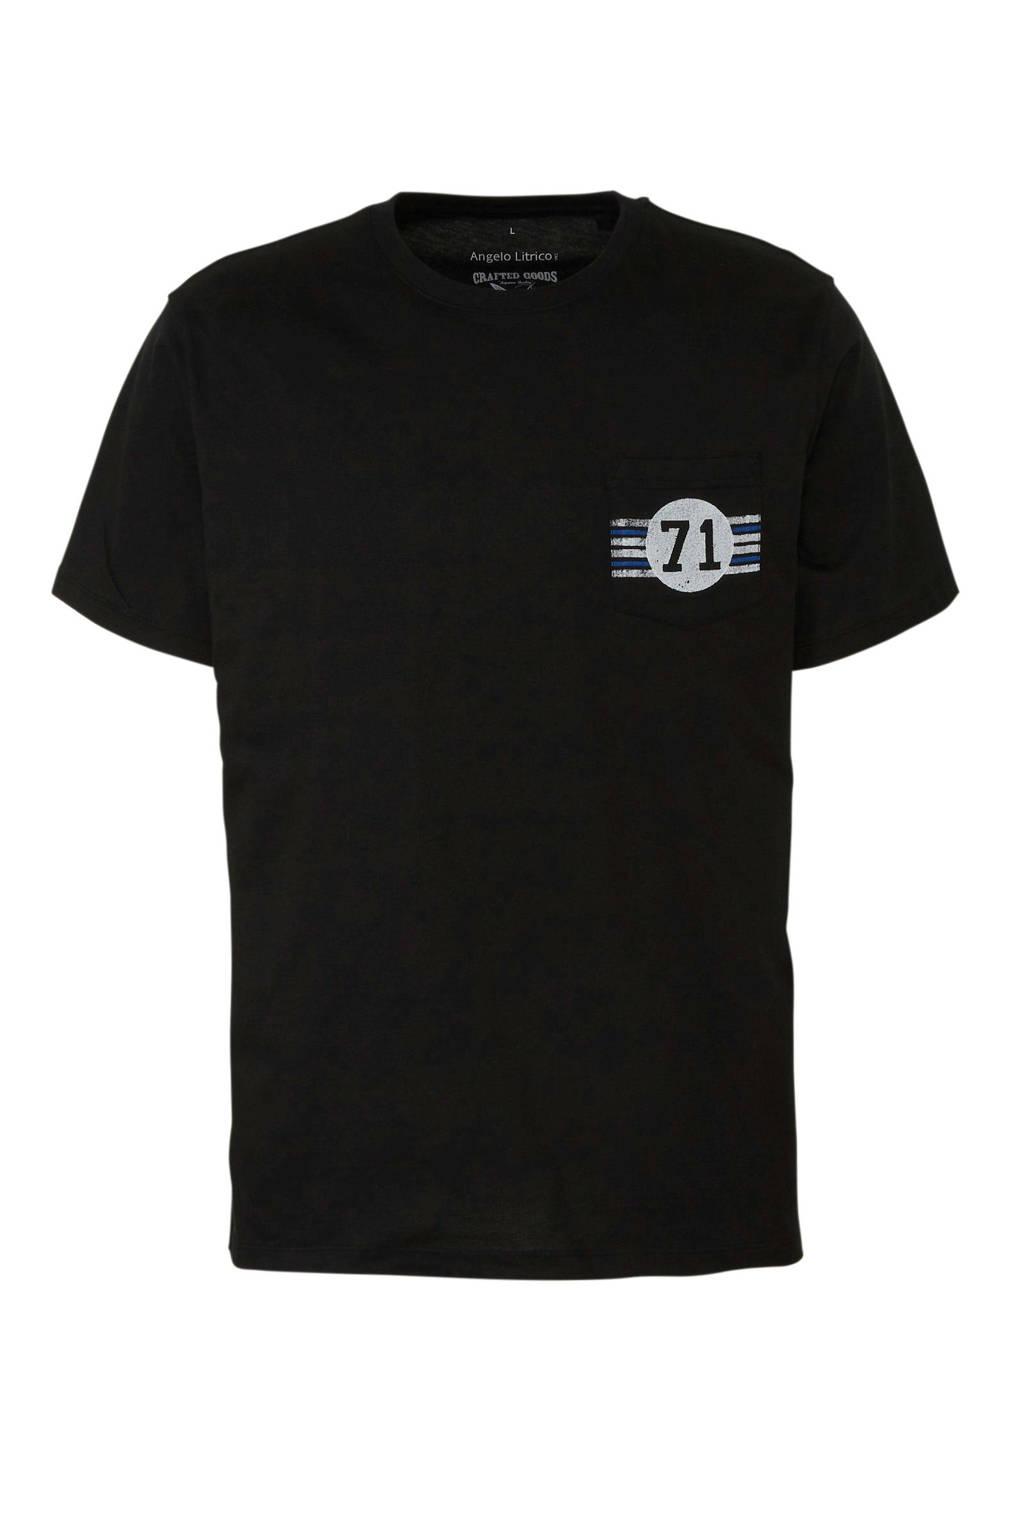 C&A Angelo Litrico T-shirt van biologisch katoen zwart, Zwart